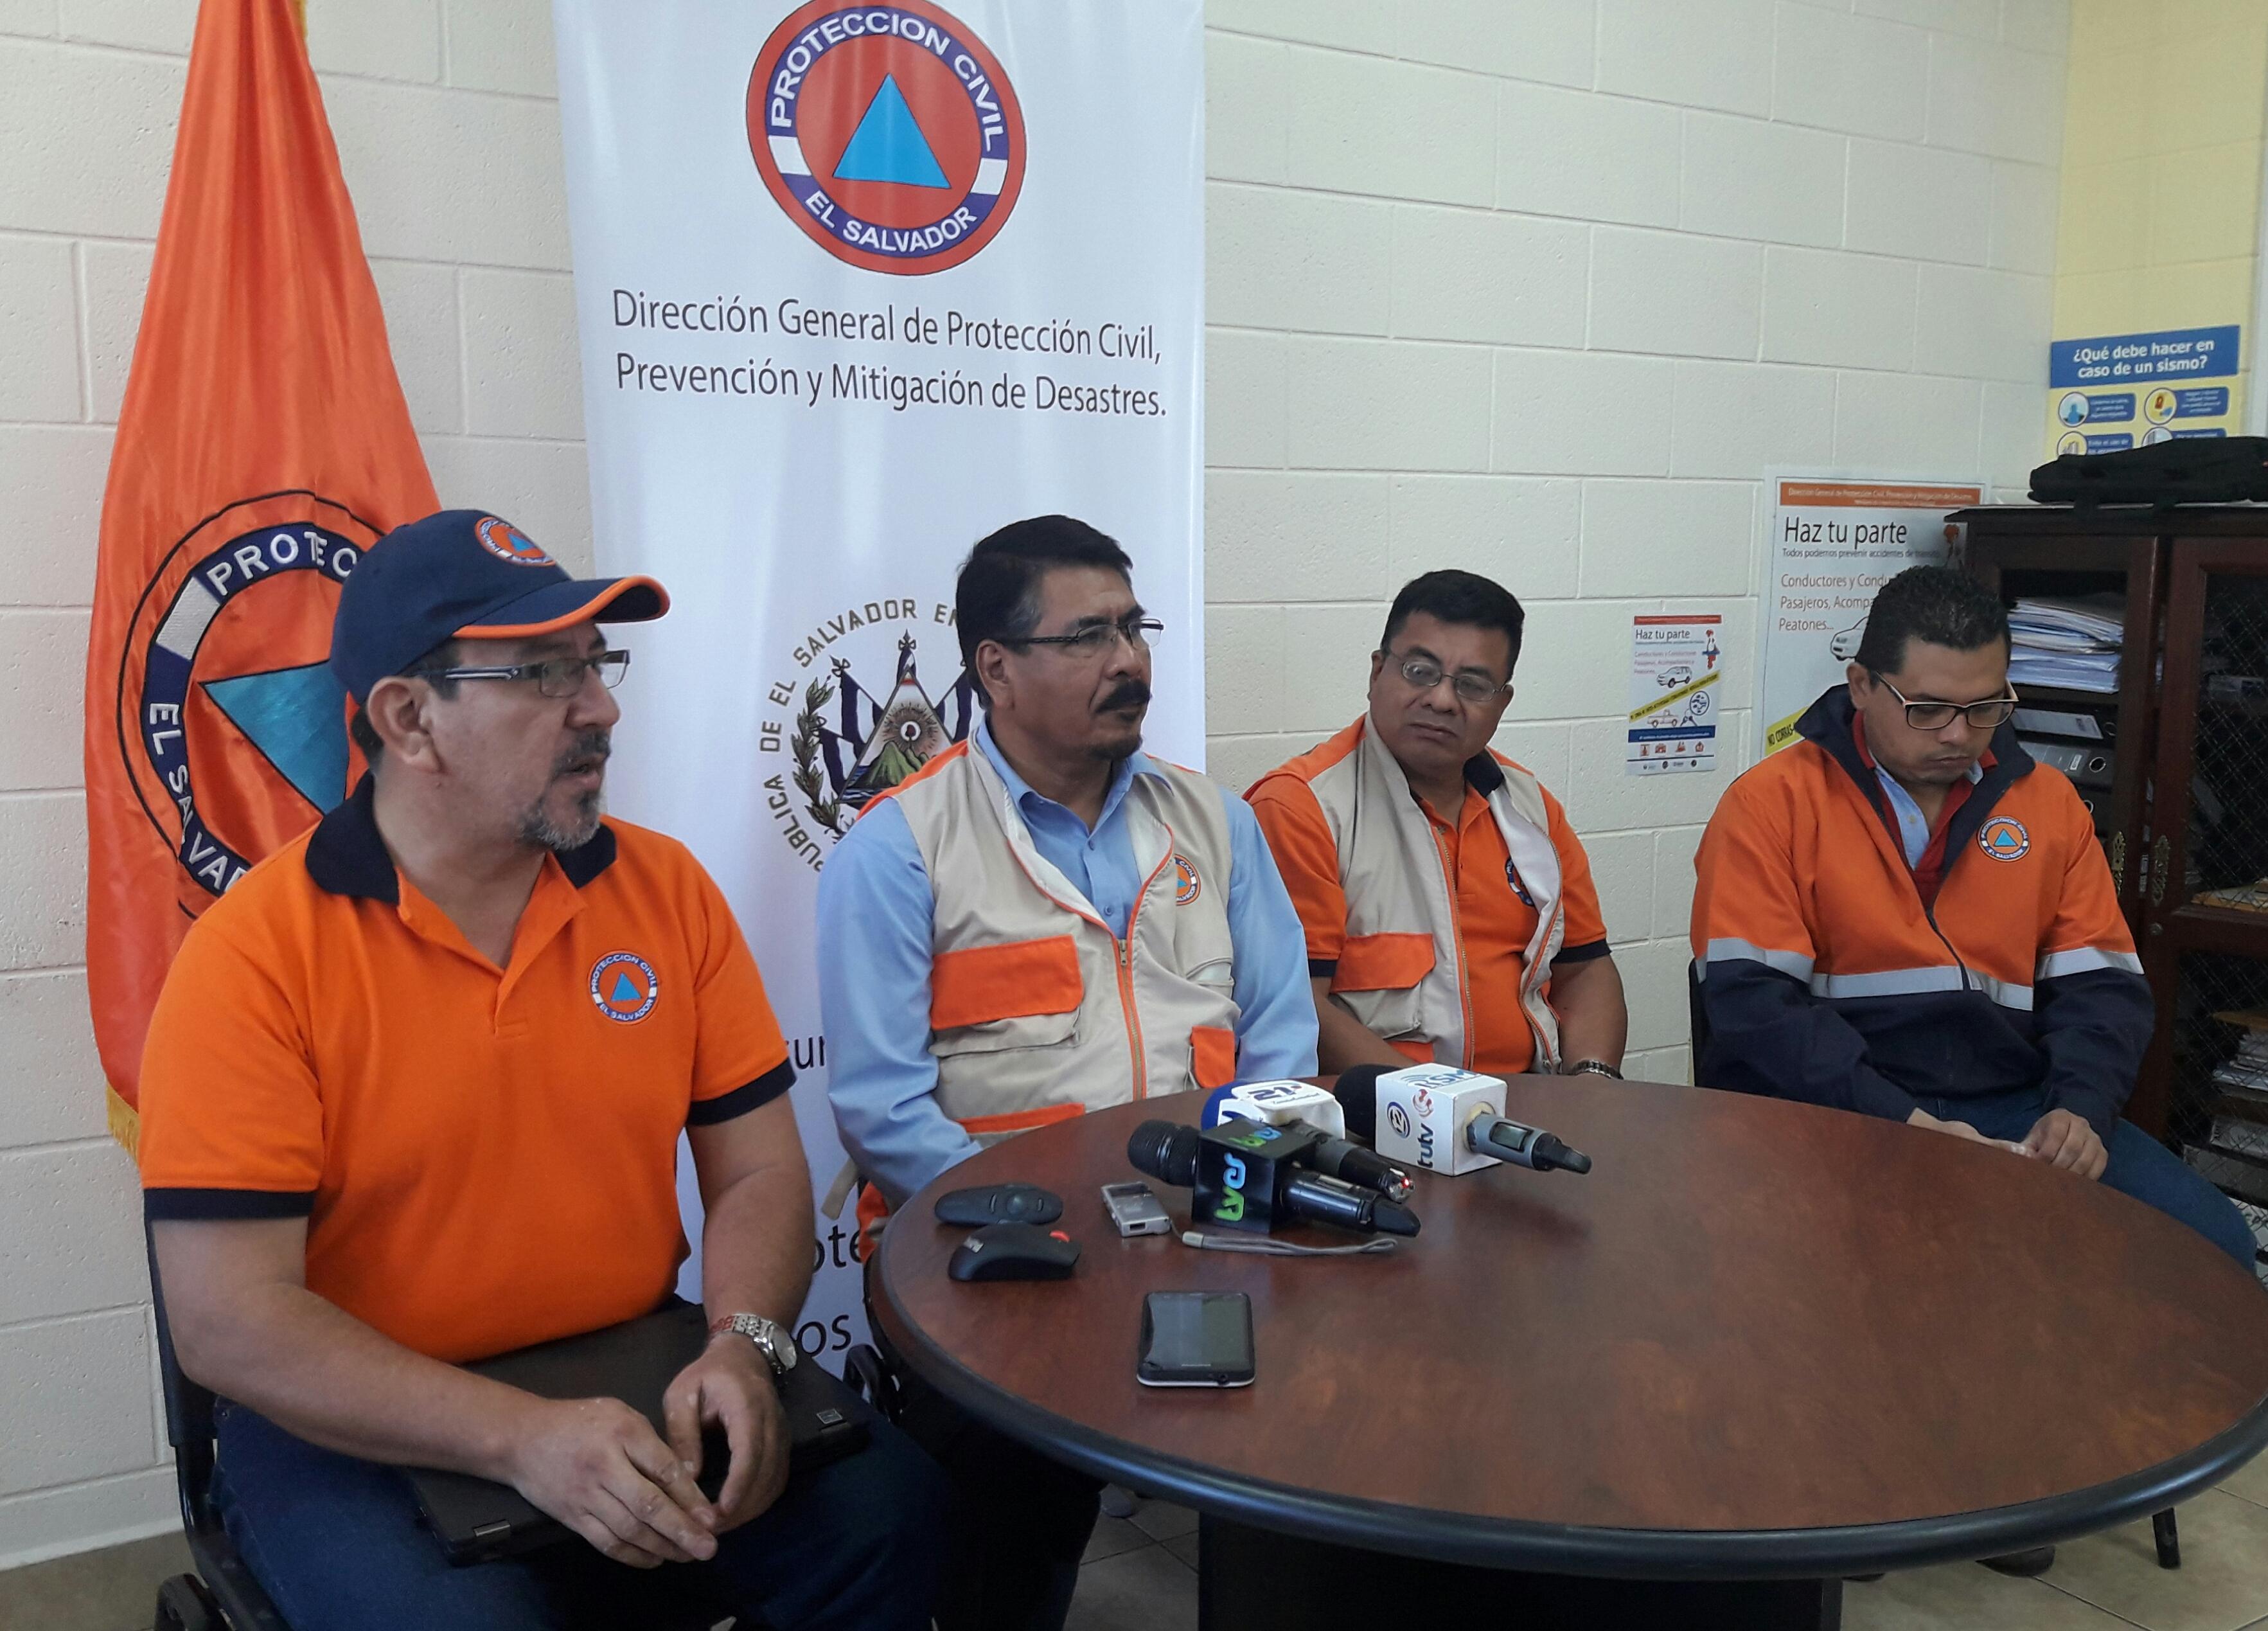 Director General de Protección Civil deja SIN EFECTO las alertas y mantiene la ALERTA AMARILLA en cinco municipios de Usulután y uno de San Vicente,  29/Oct./2017